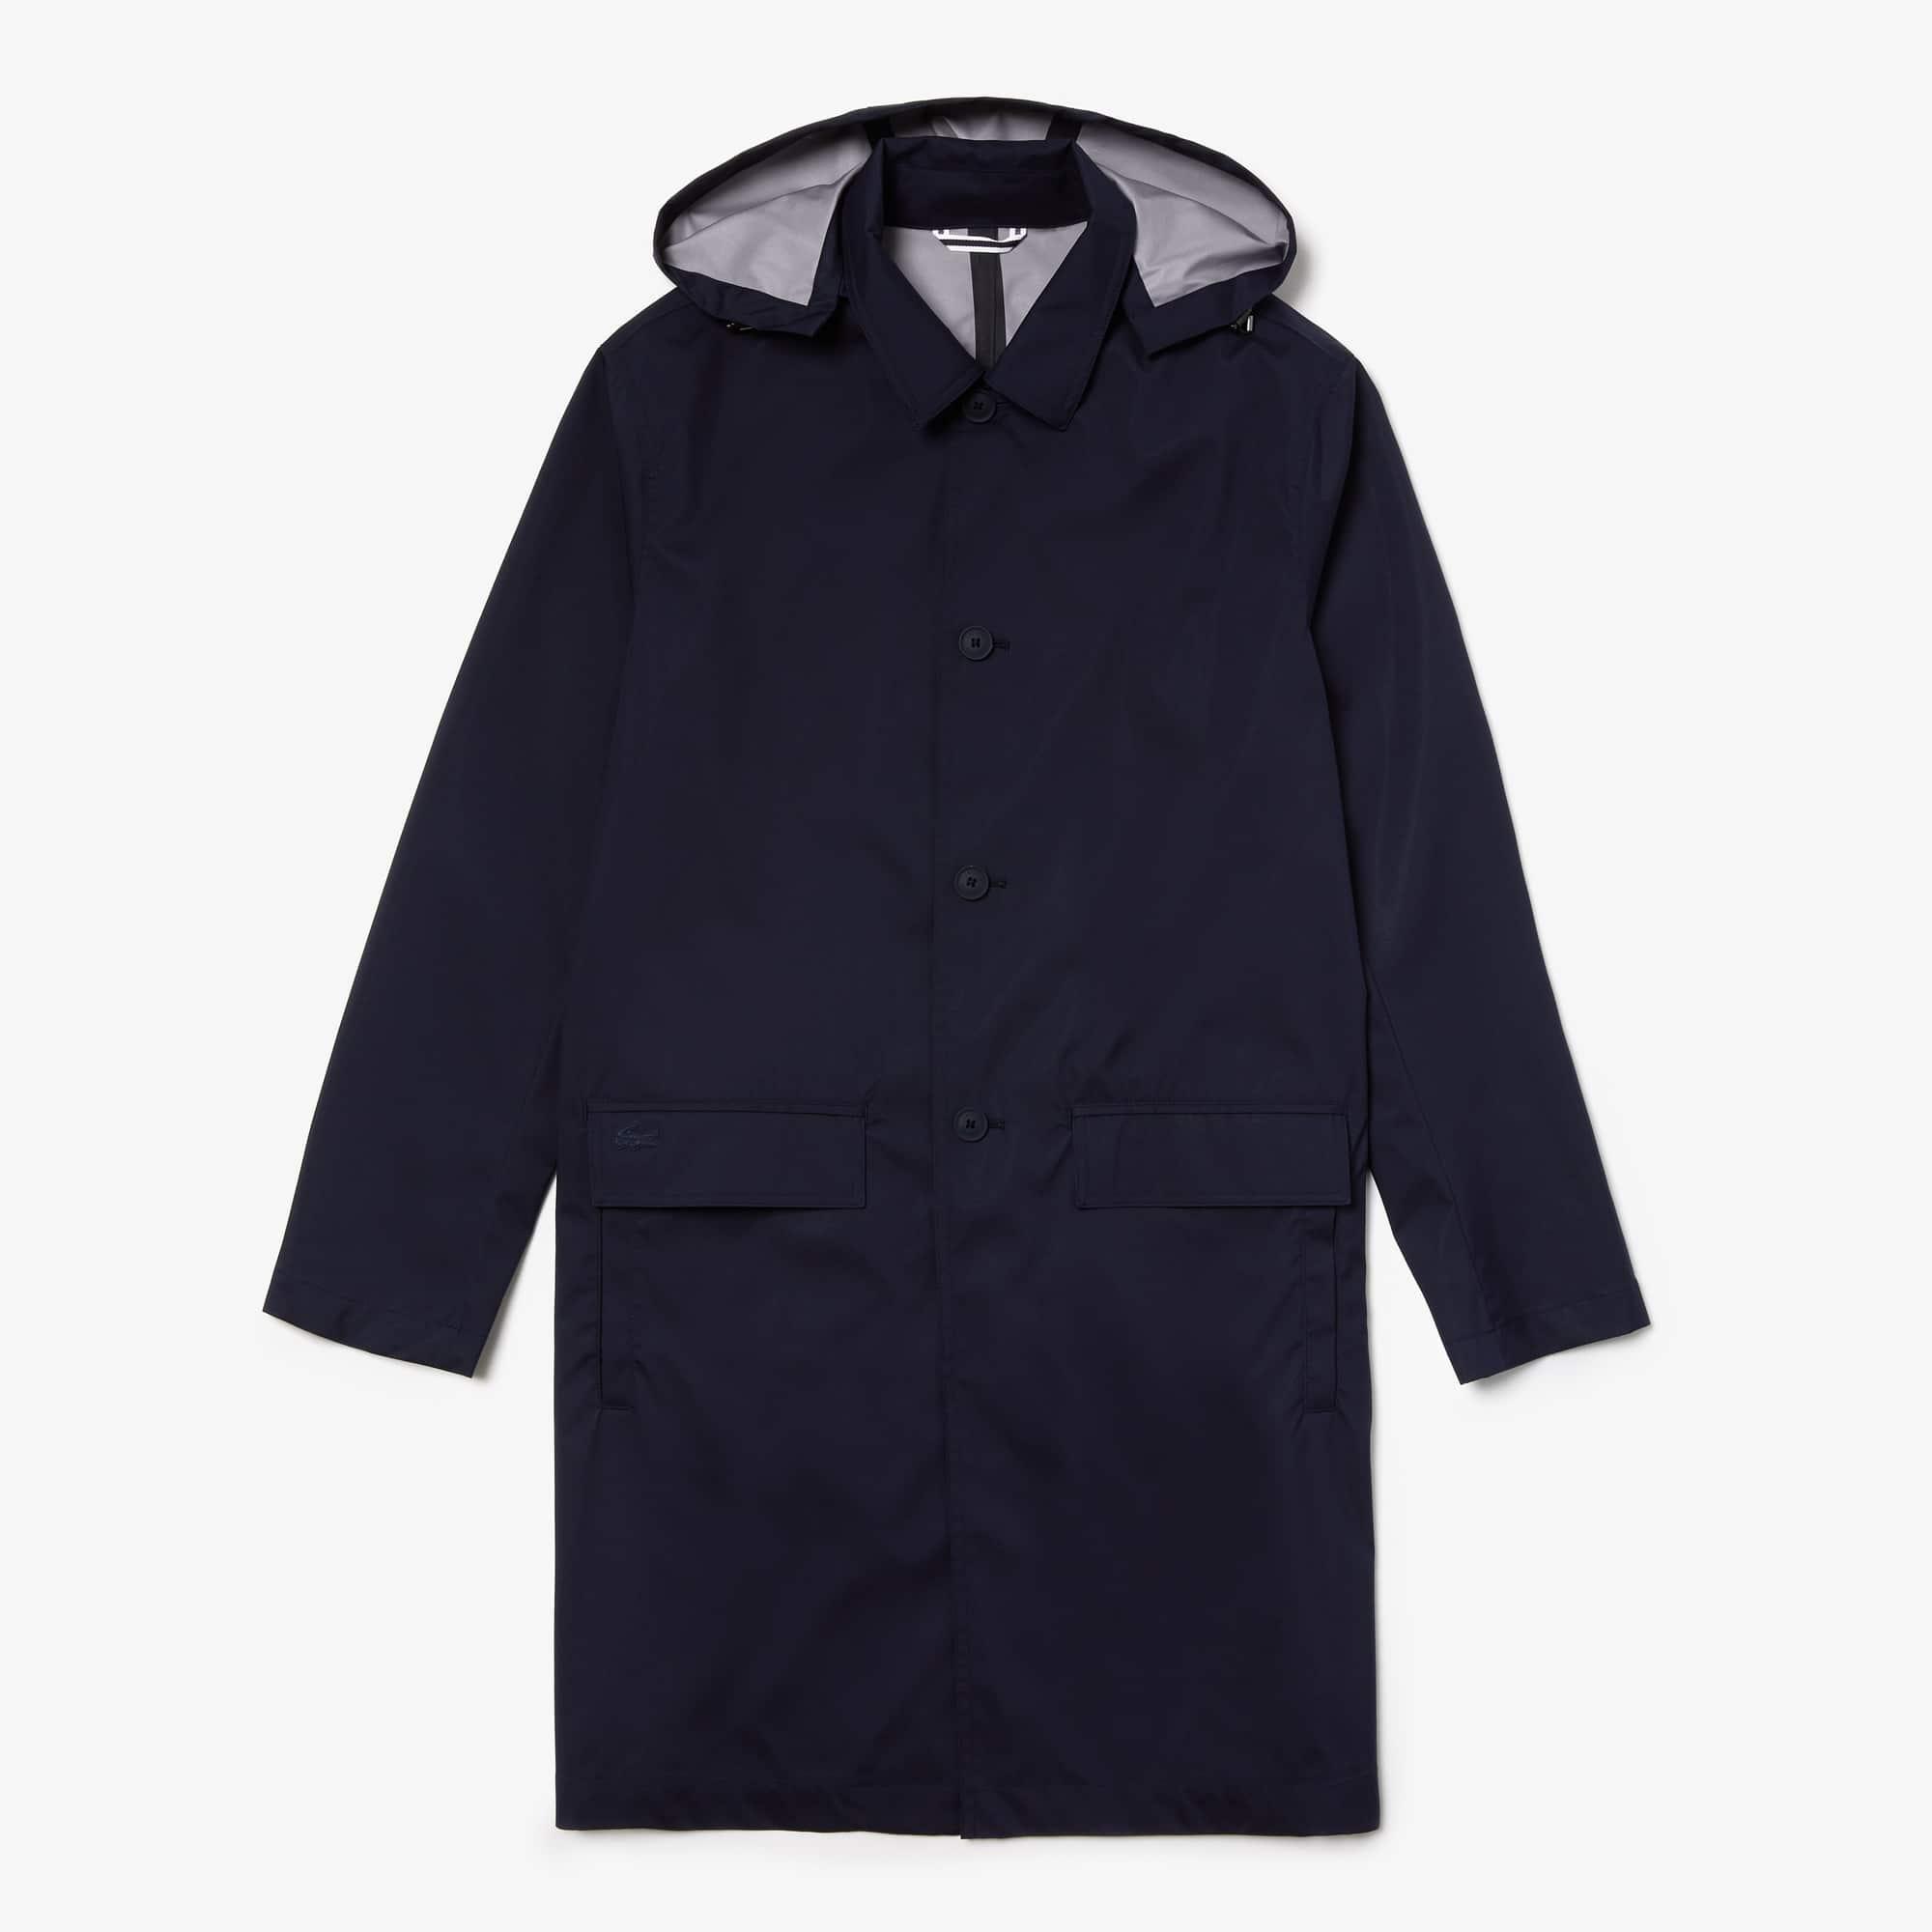 0b05fae97738 Men s Jackets and Coats